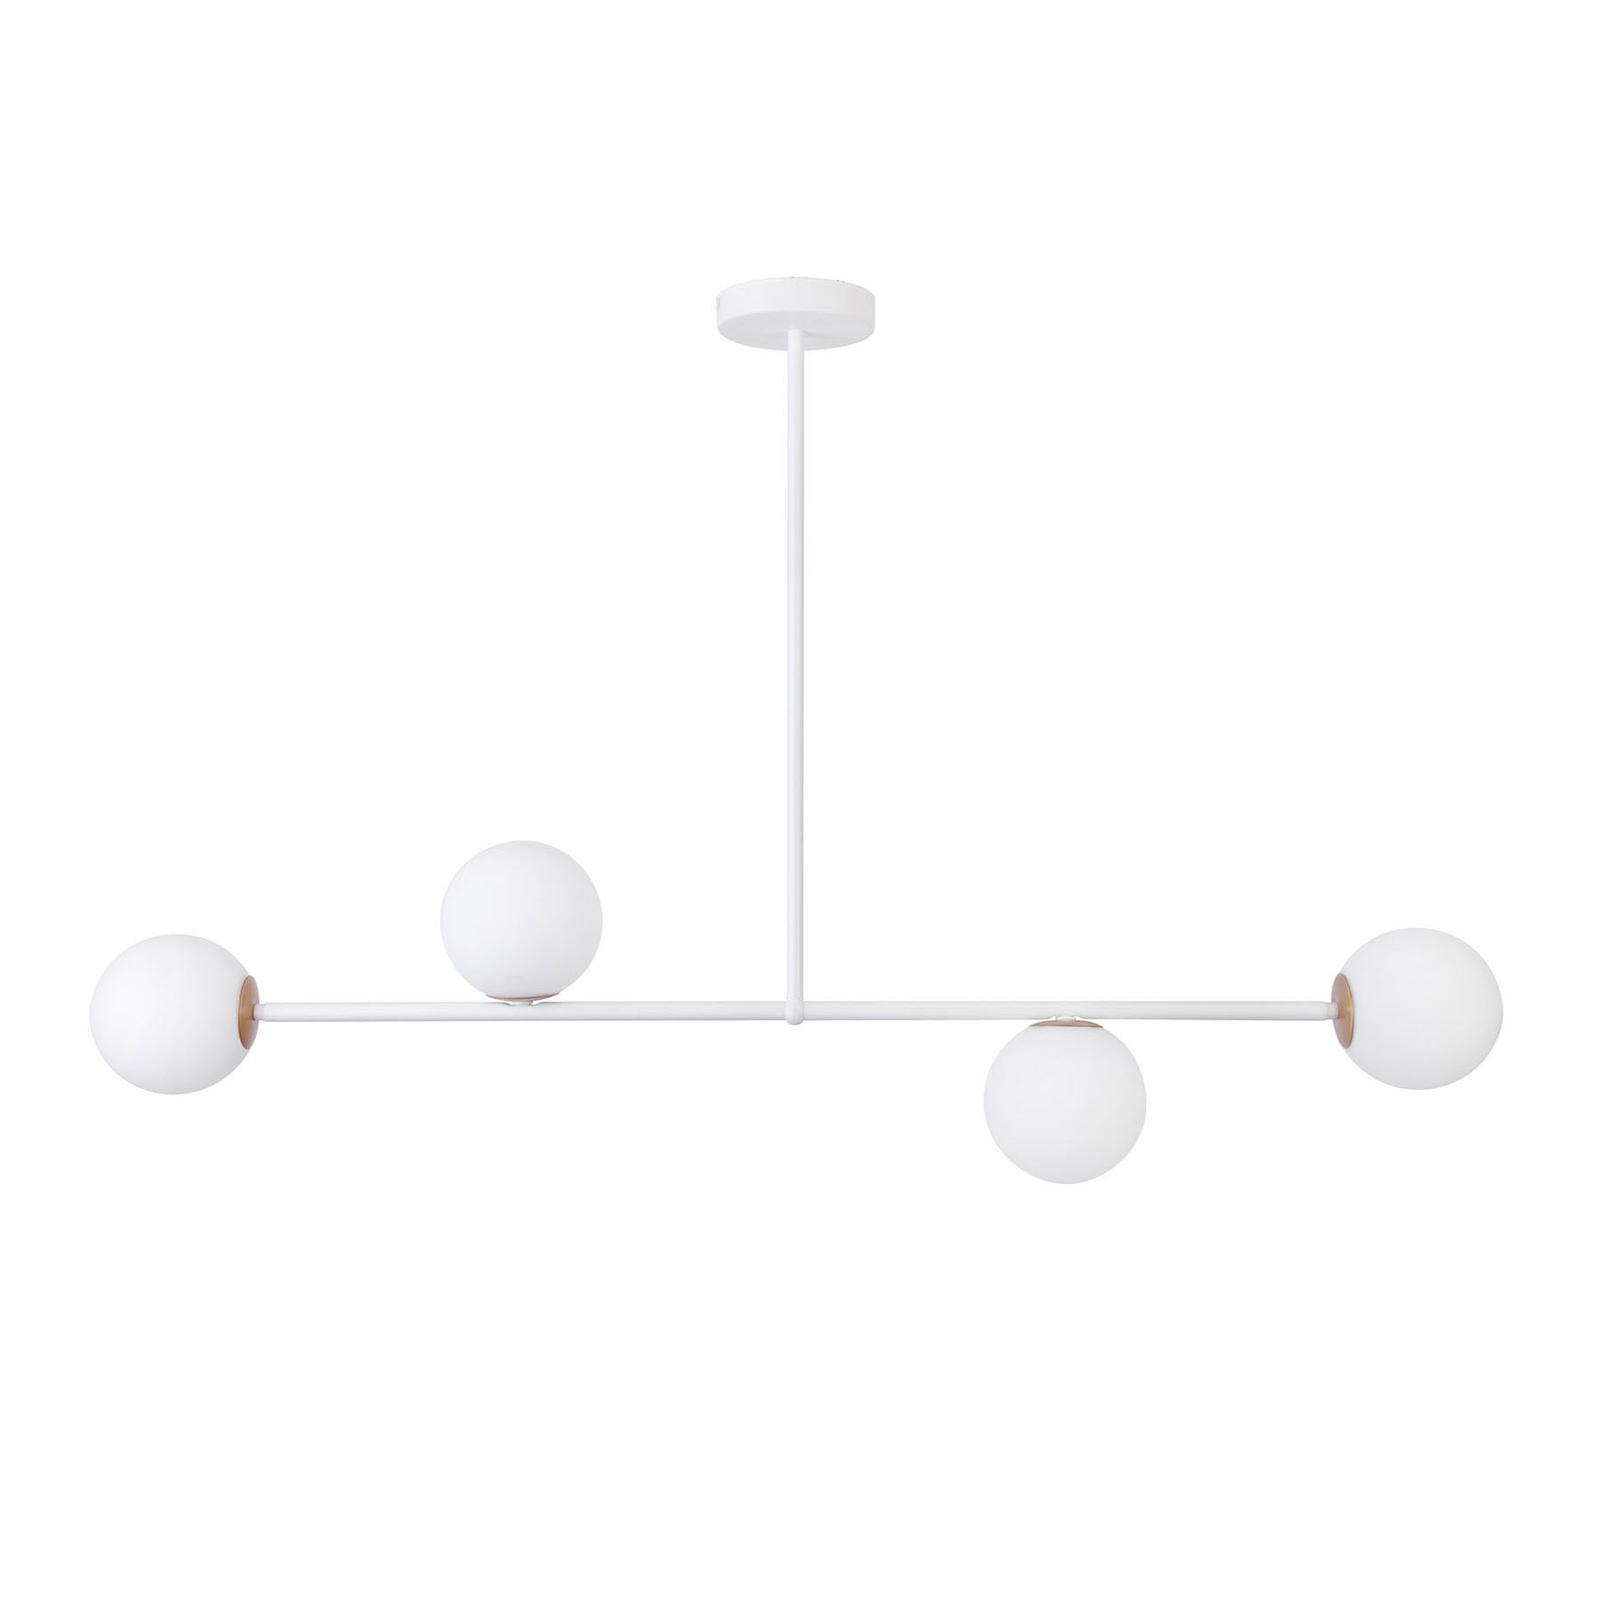 Gama 4 hængelampe, 4 lyskilder, hvid